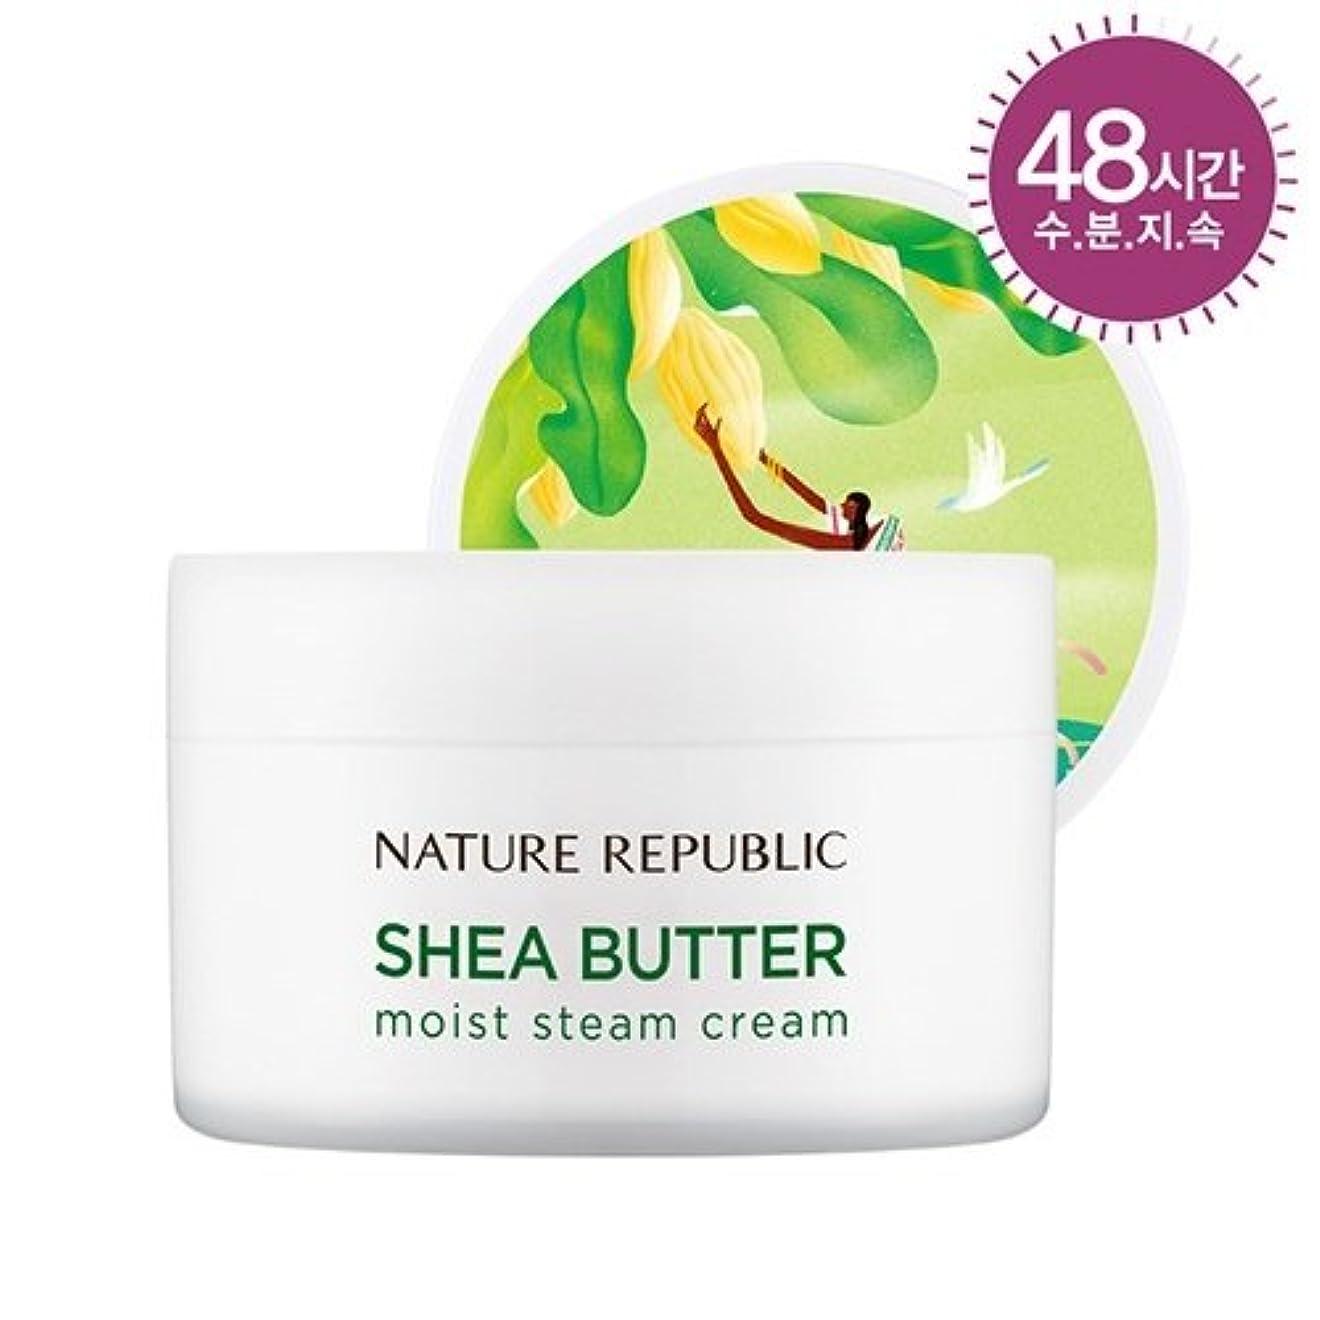 変化検出可能邪悪なNATURE REPUBLIC(ネイチャーリパブリック) SHEA BUTTER STEAM CREAM シアバター スチーム クリーム #モイスト乾燥肌